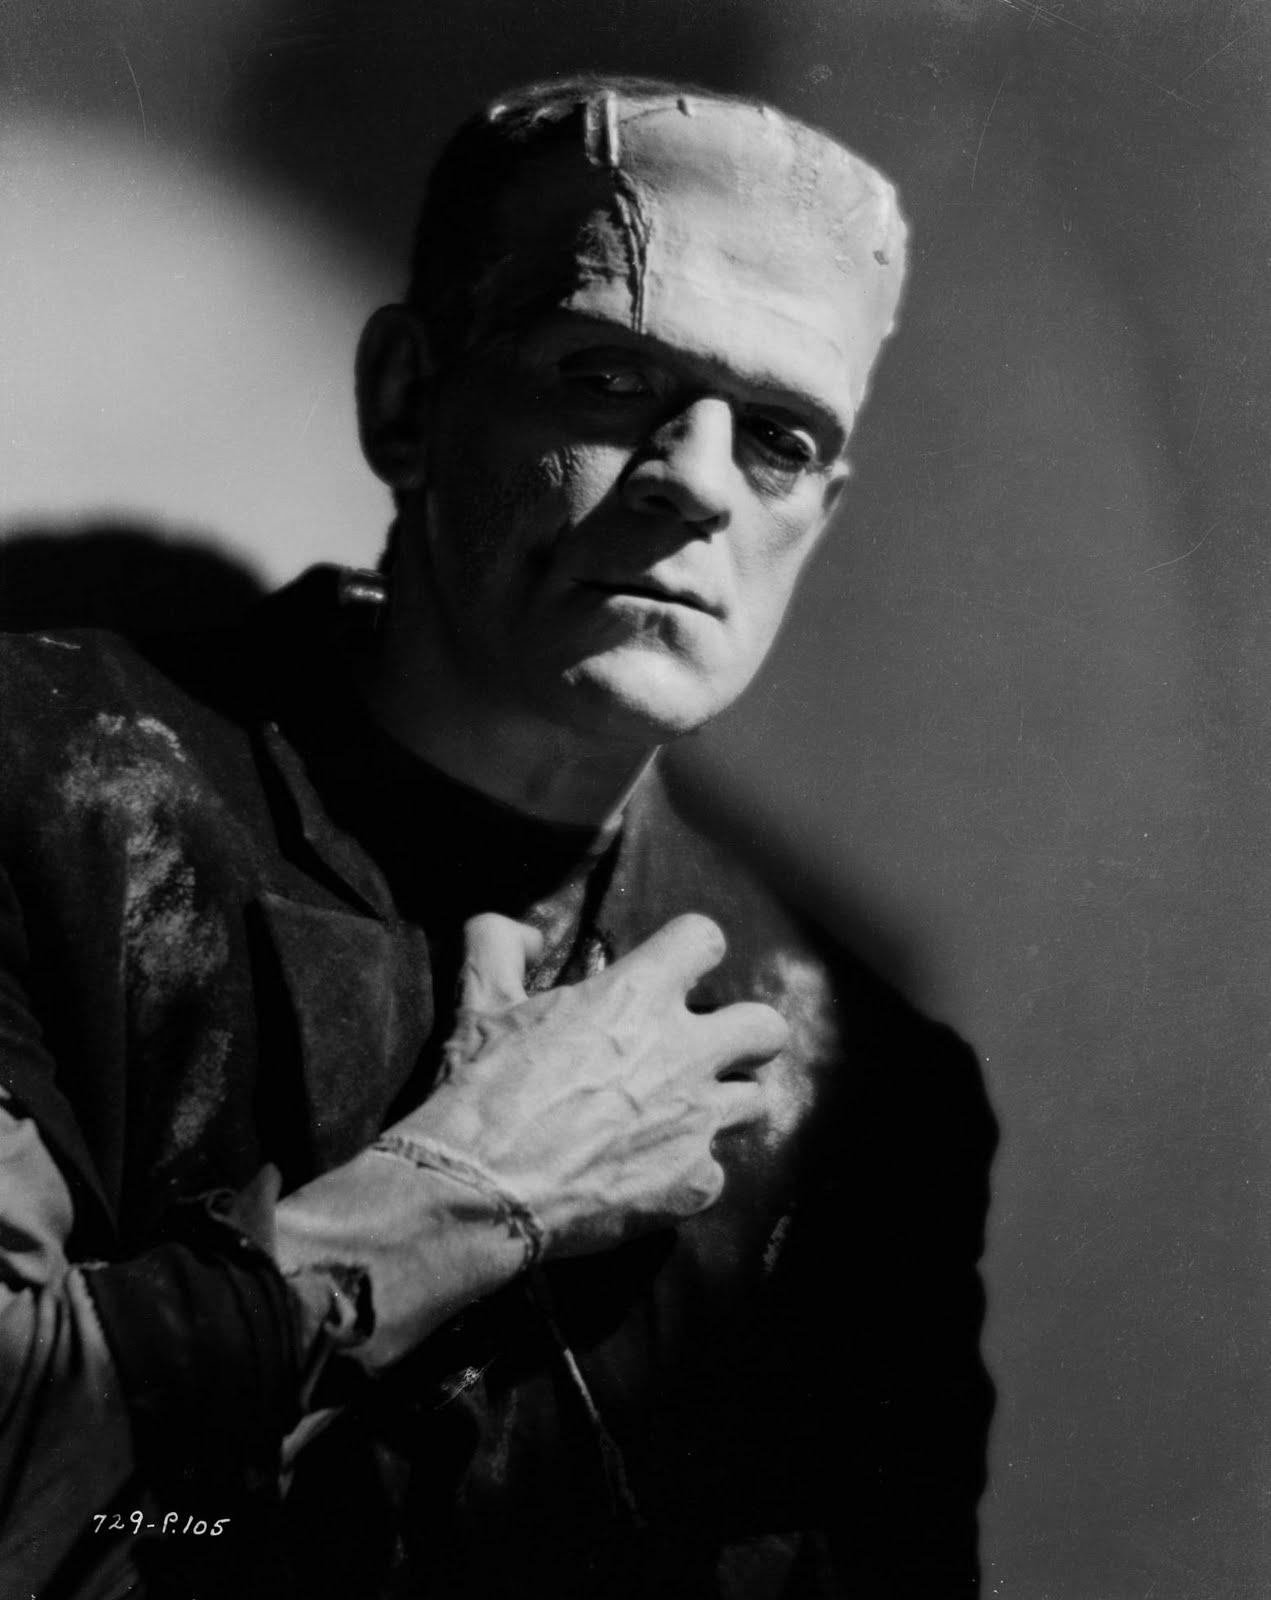 Annex+-+Karloff,+Boris+(Bride+of+Frankenstein,+The)_NRFPT_03